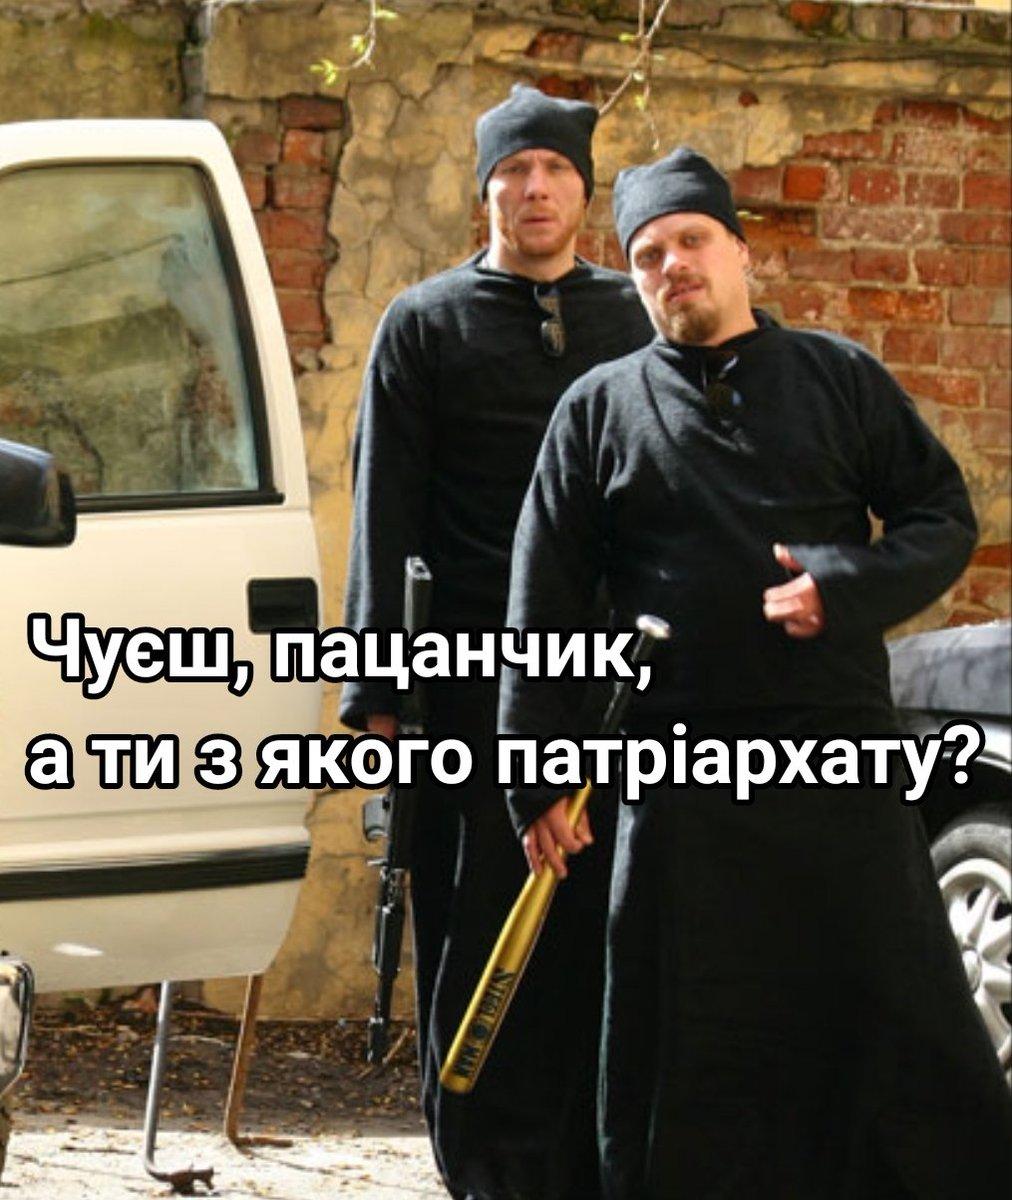 Двоє священиків побилися через перехід парафії на Буковині до ПЦУ - Цензор.НЕТ 1405